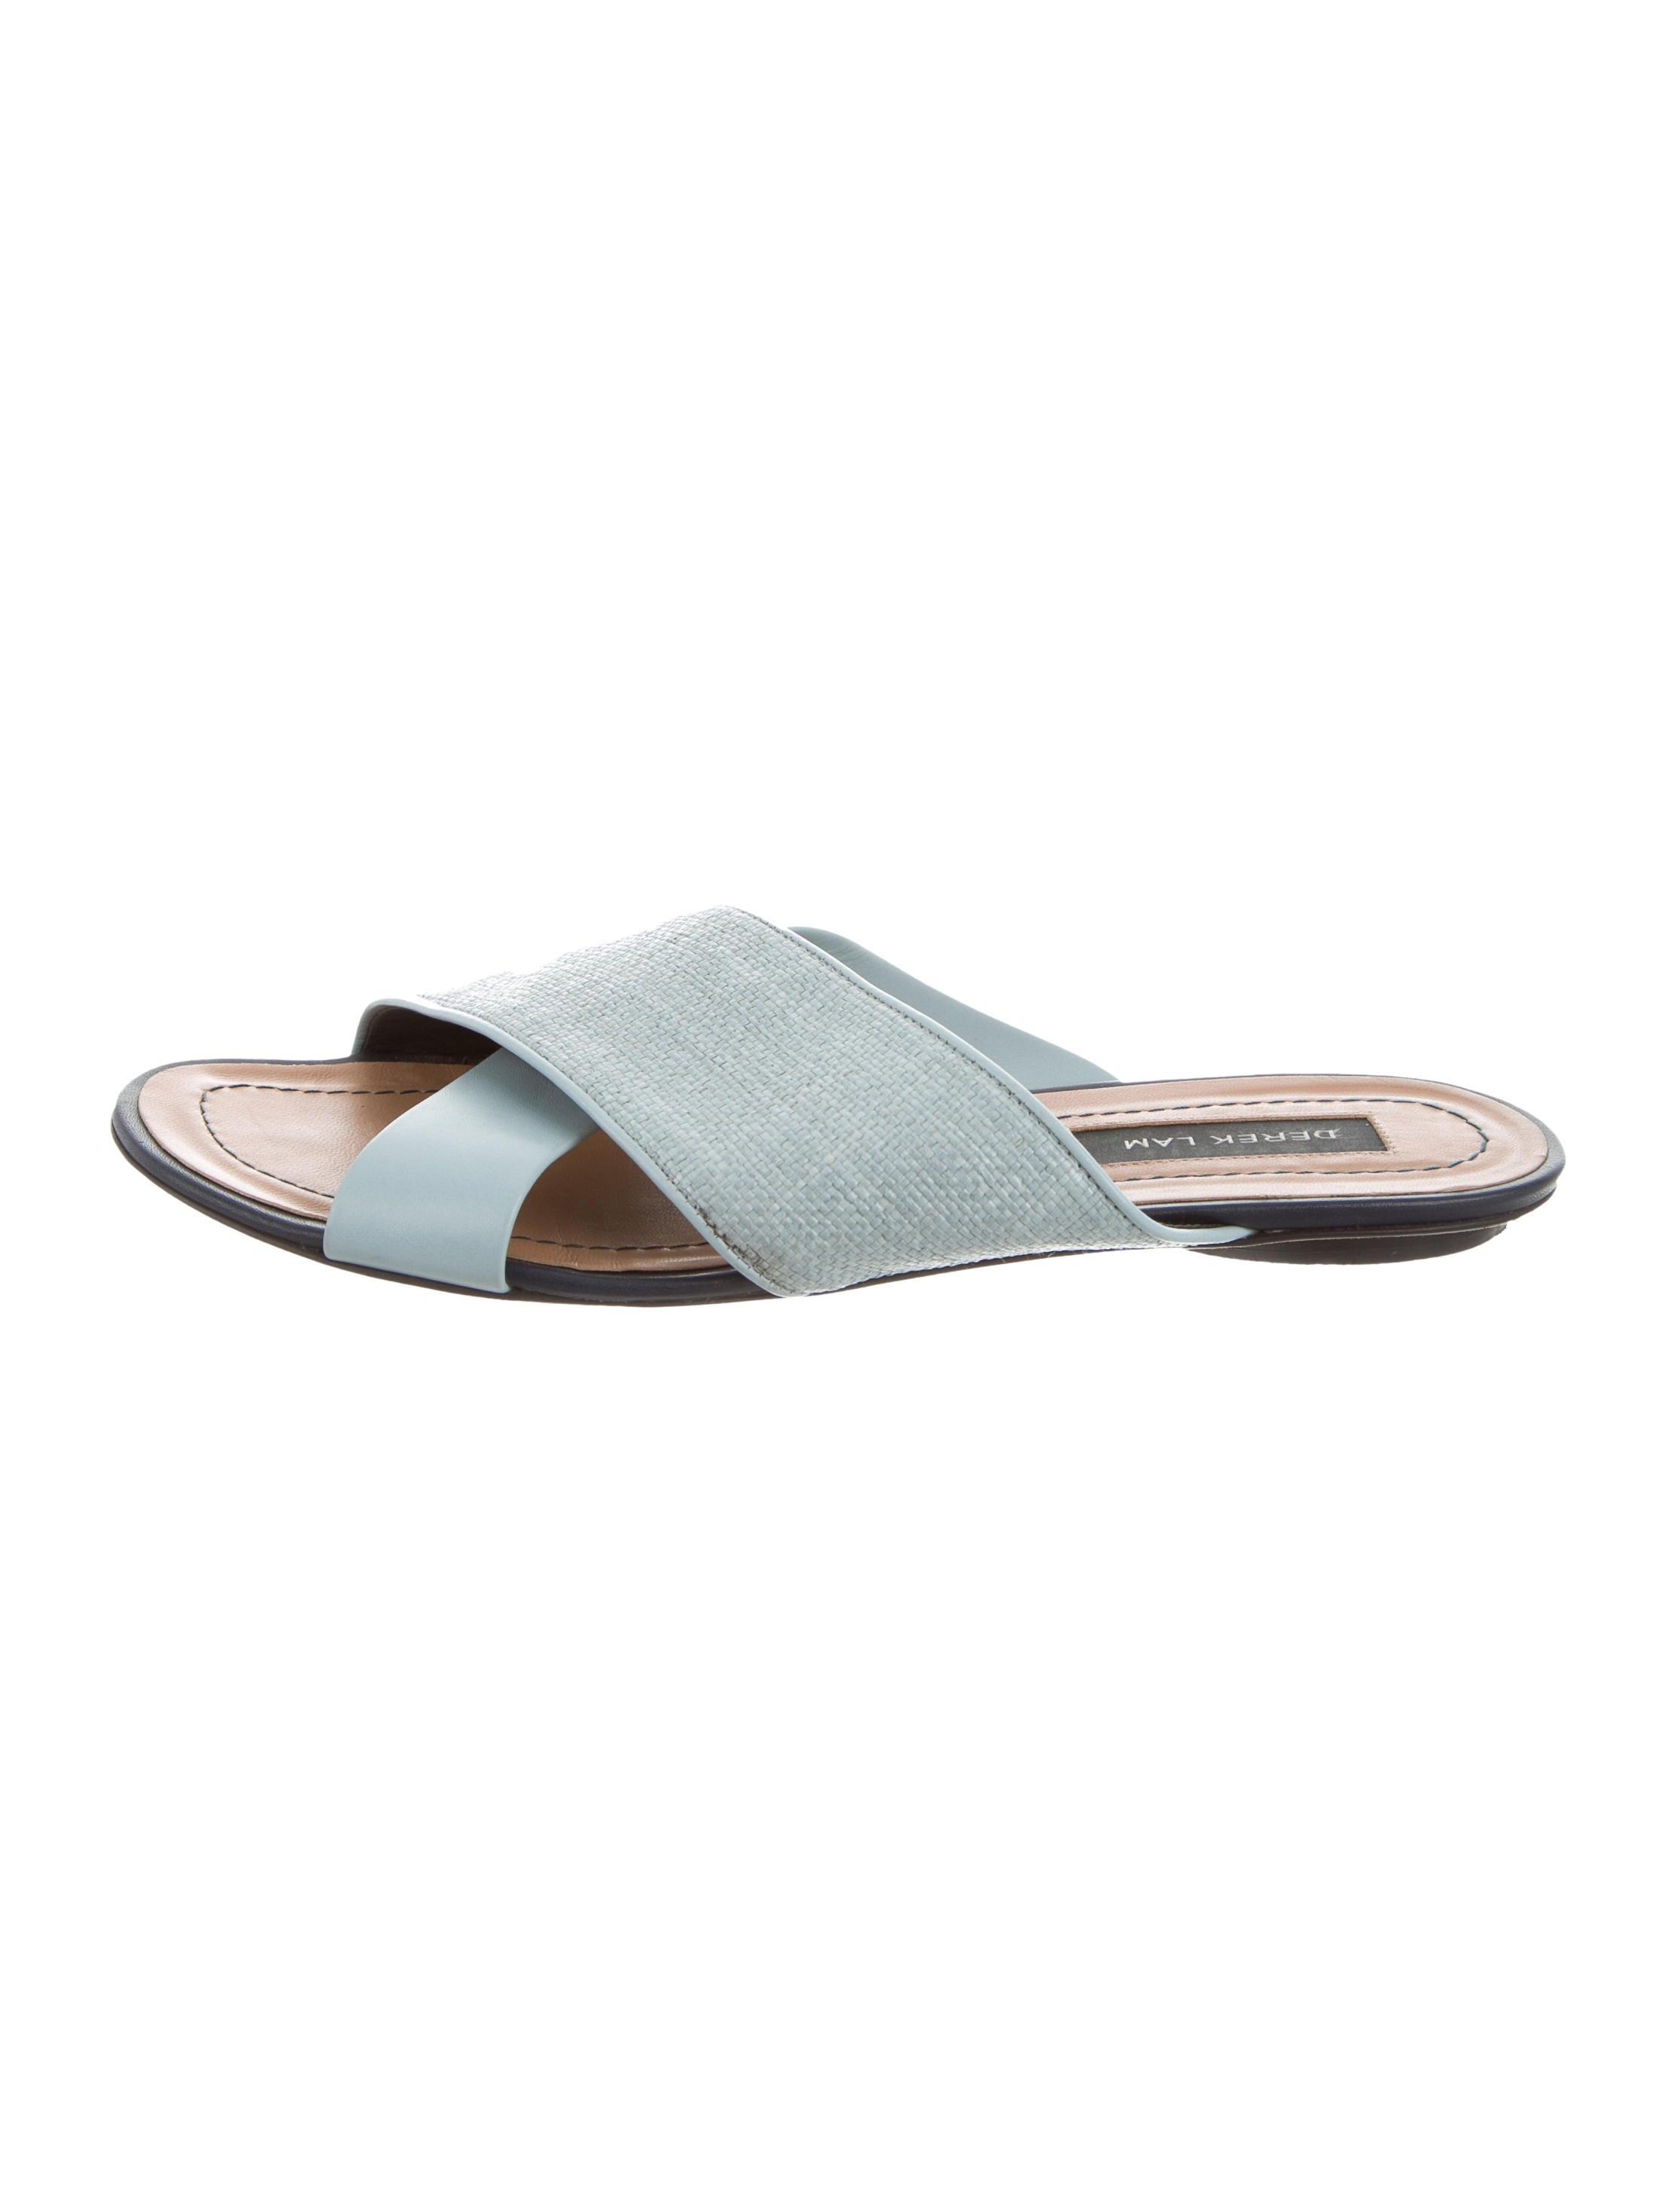 for sale sale online Derek Lam Crossover Slide Sandals outlet marketable low cost sale online HKvZTAP